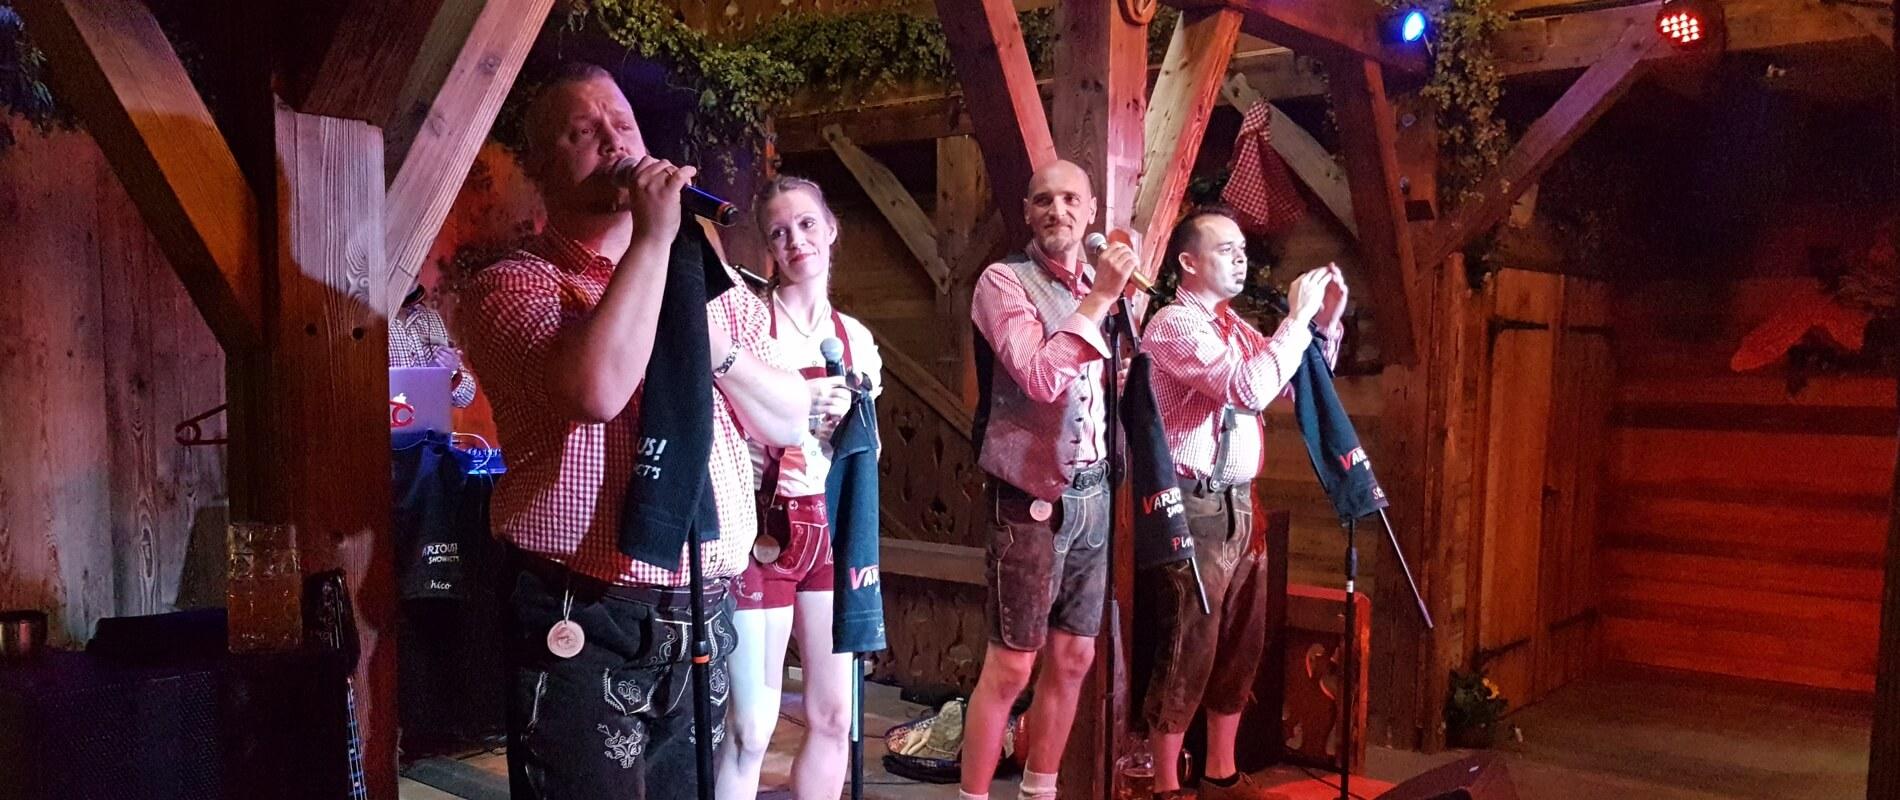 Die Showband VARIOUS auf der Bühne der Doppelbock-Alm